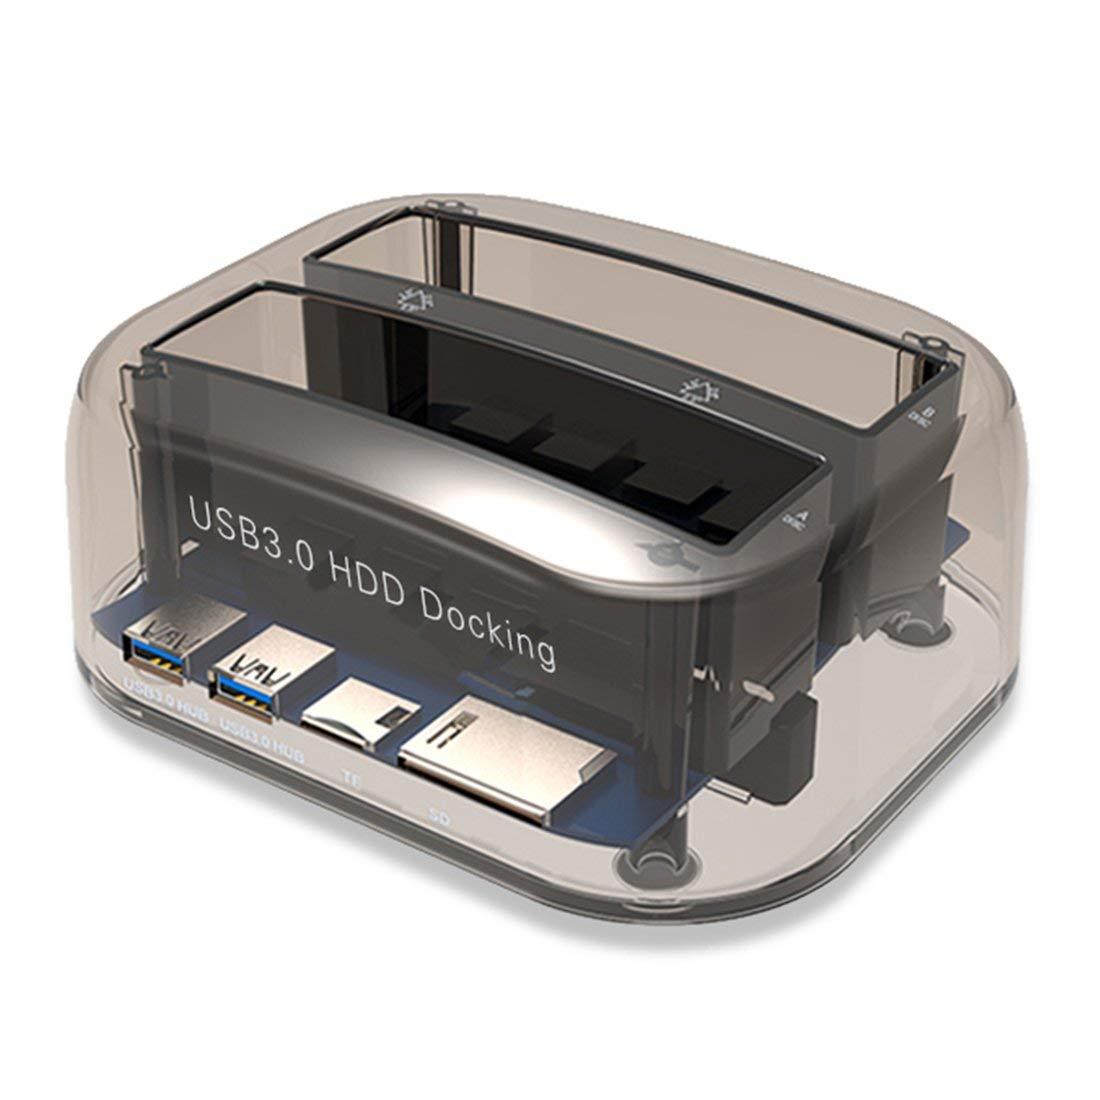 Usb 3.0 à Sata double baie disque dur externe Station d'accueil pour 2.5/3.5 pouces Hdd Ssd disque dur duplicateur